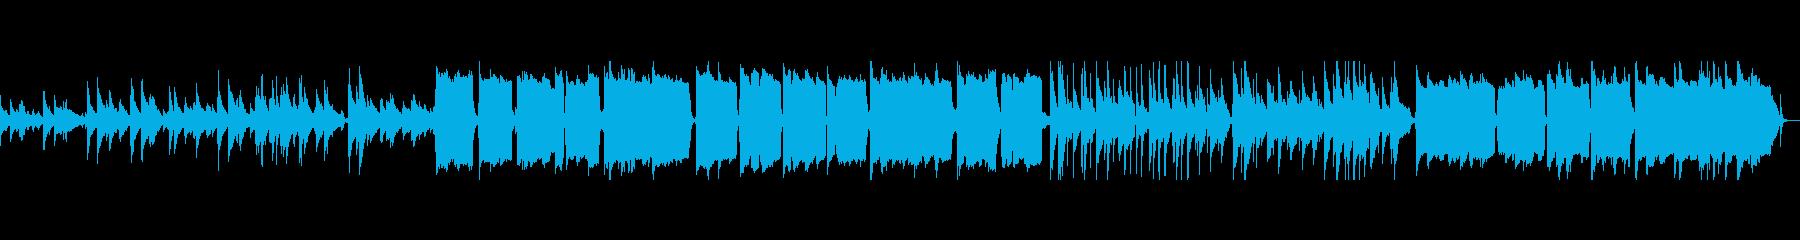 ★夕焼けをイメージしたトランペットBGMの再生済みの波形